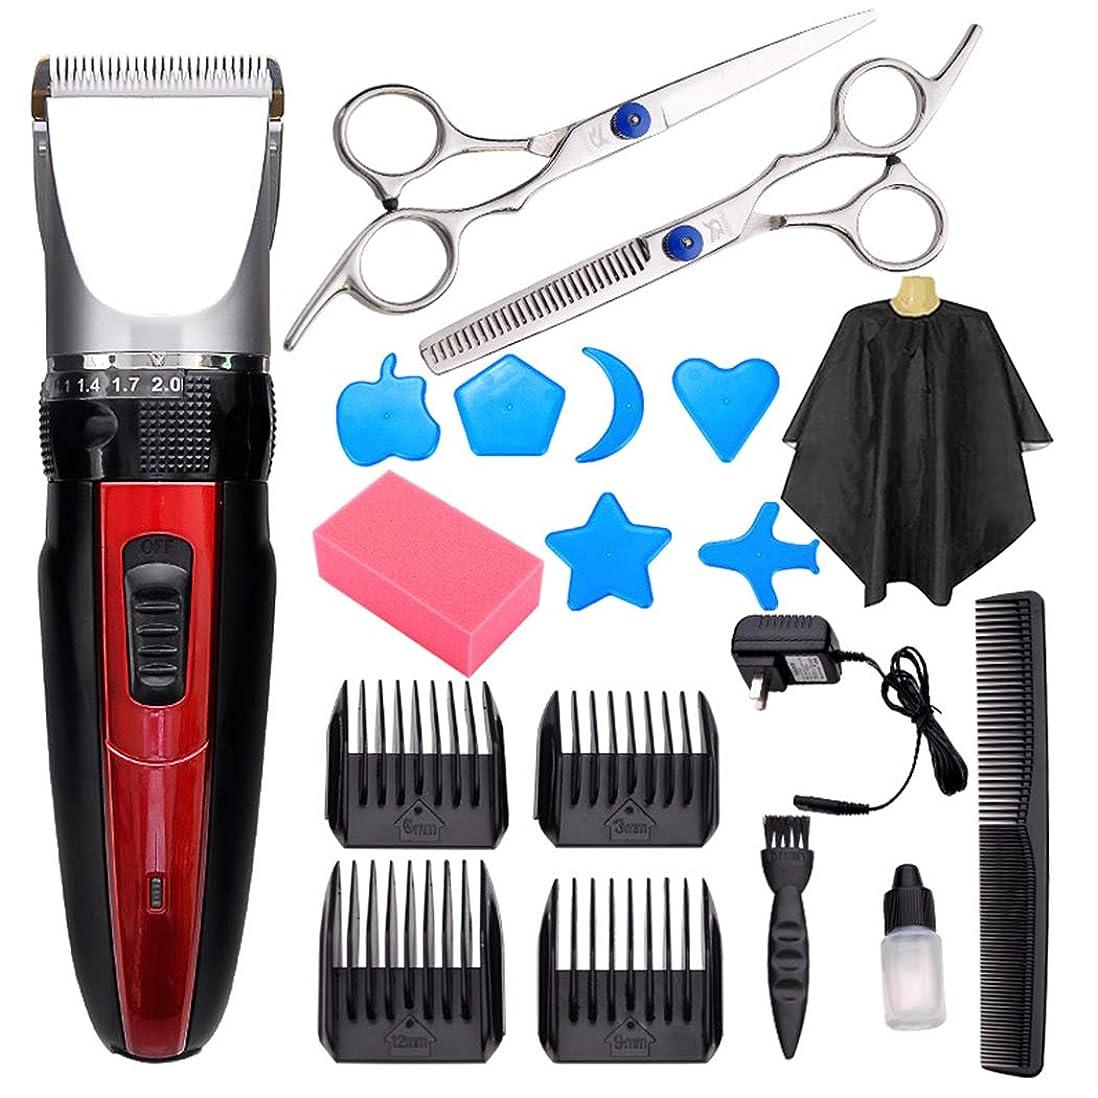 政治家注入する非互換男性のバリカン、毎日の家の毛の切断の使用のためのシェーバーの充電のヘアカットの必要なクリーニング-red